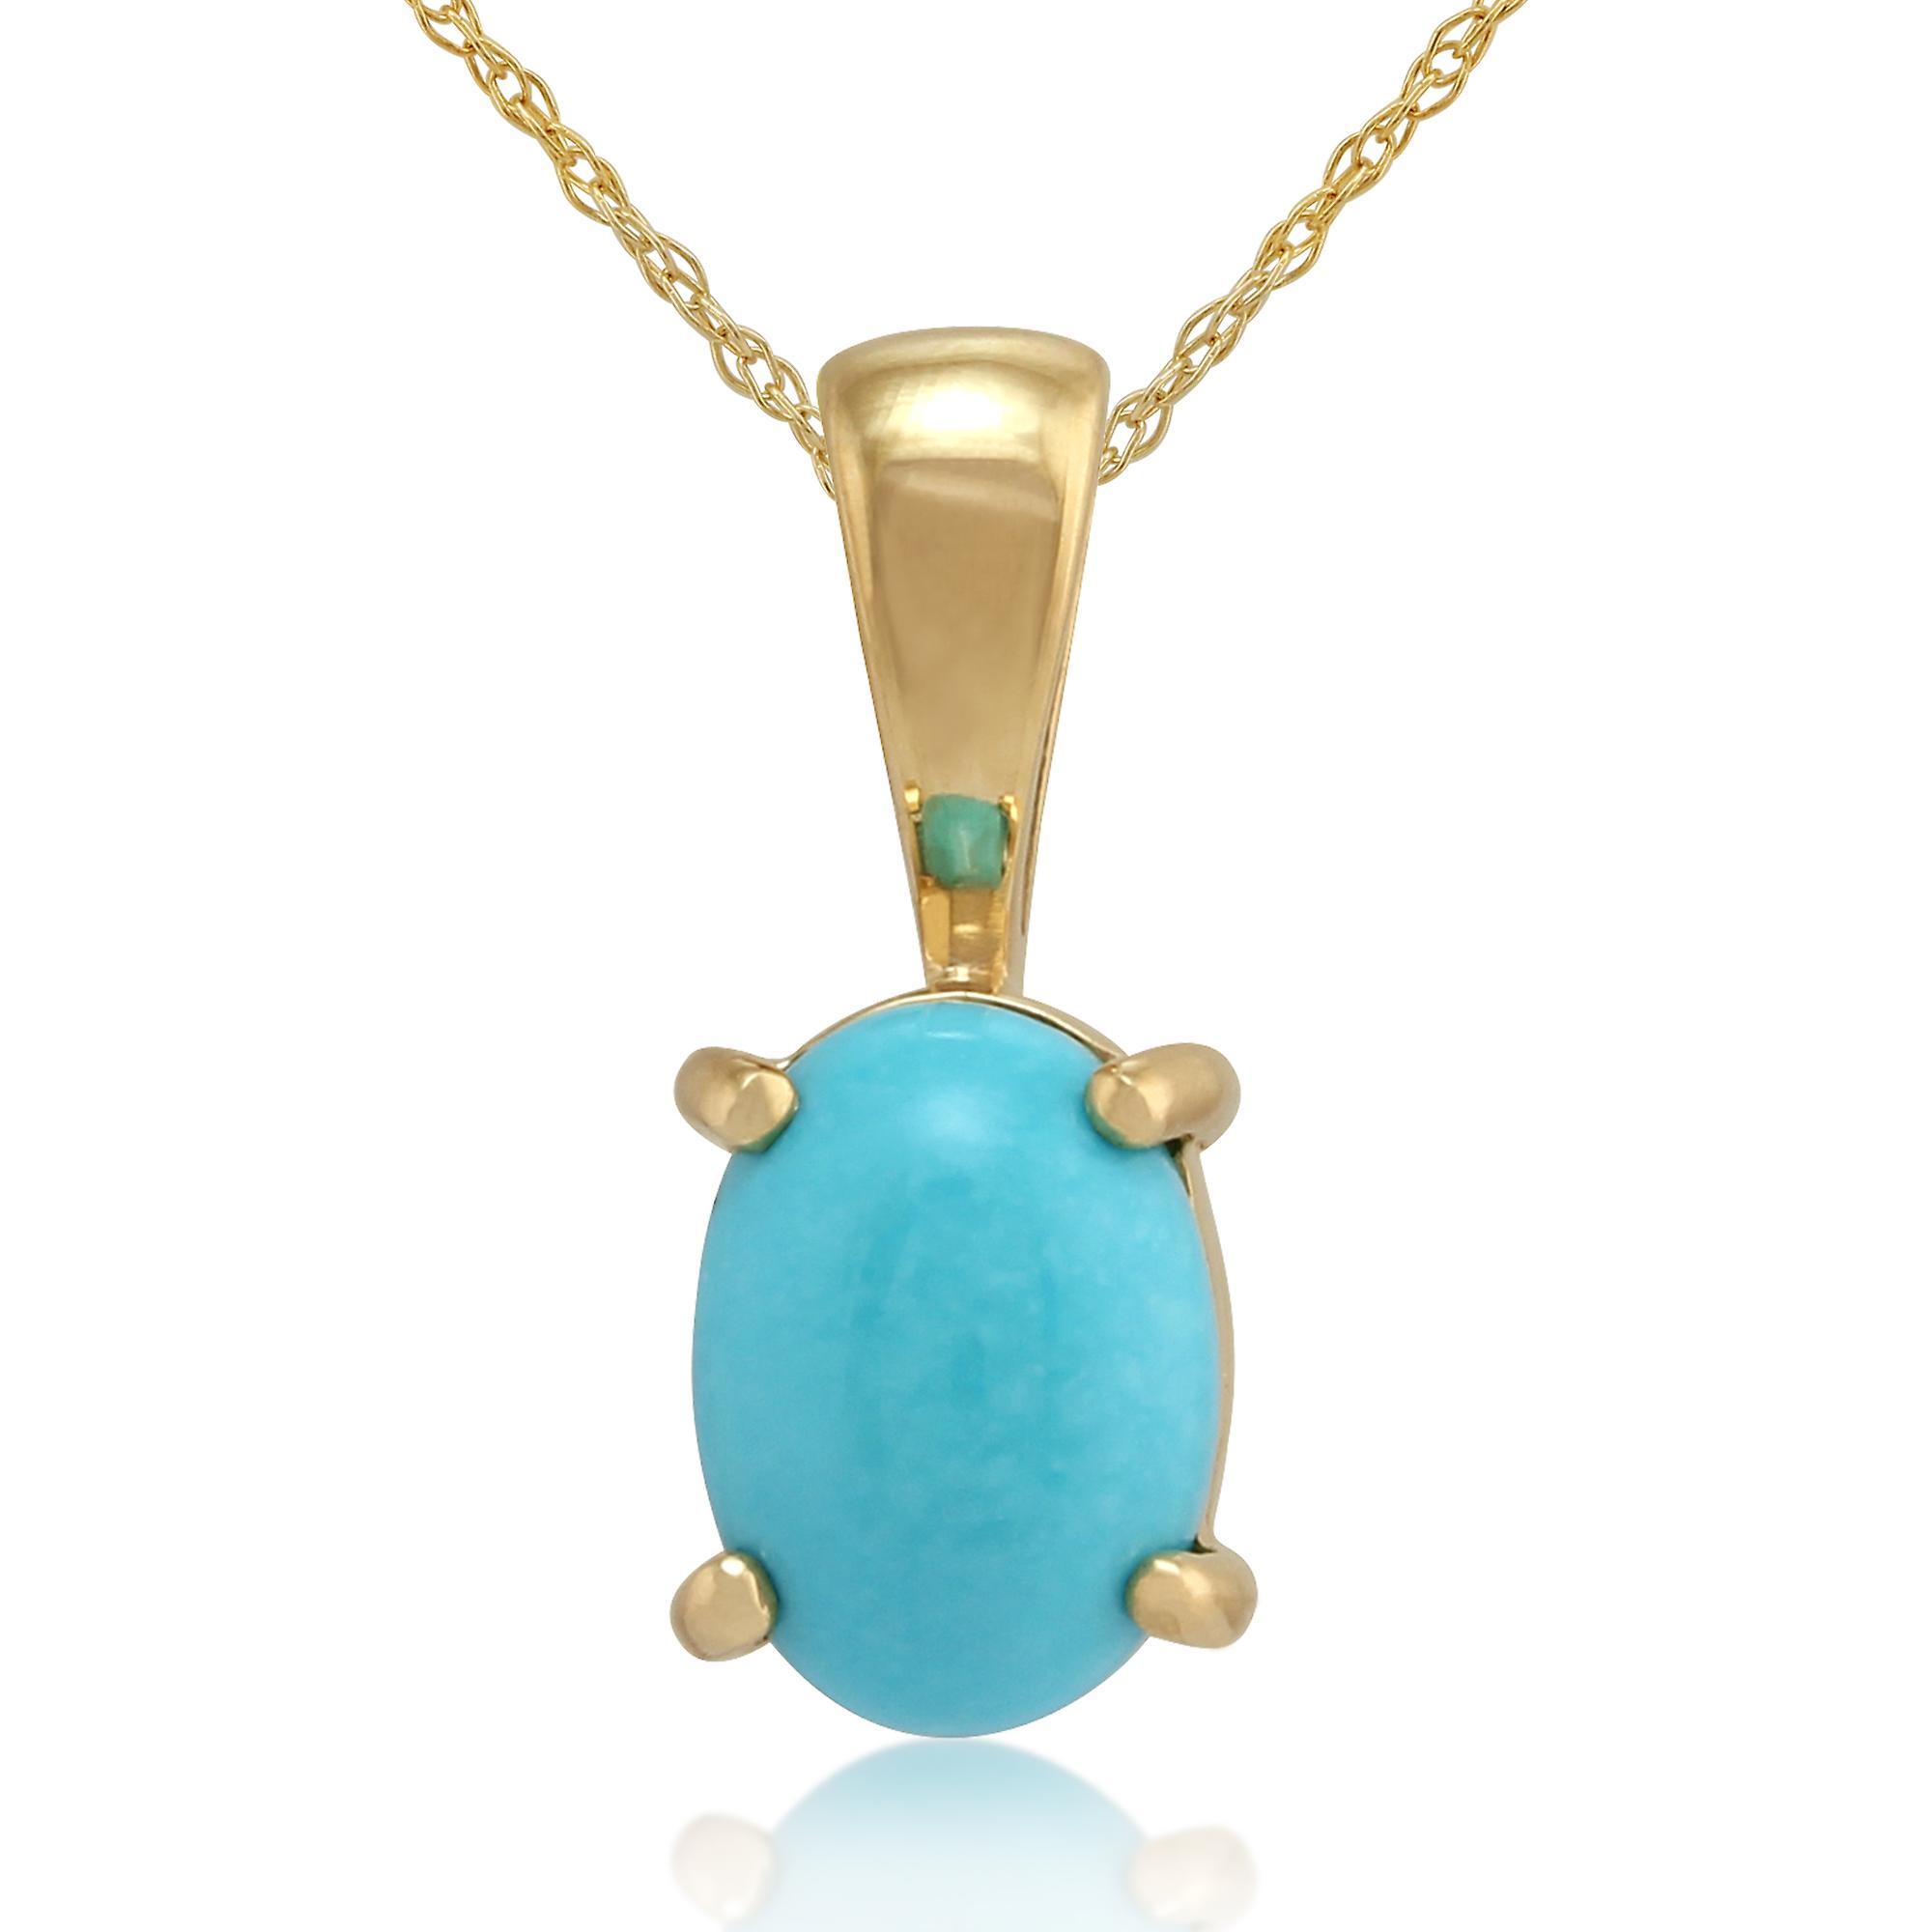 9ct jaune or 0,54 ct 4 griffe mis pendentif ovale Turquoise naturelle sur chaîne